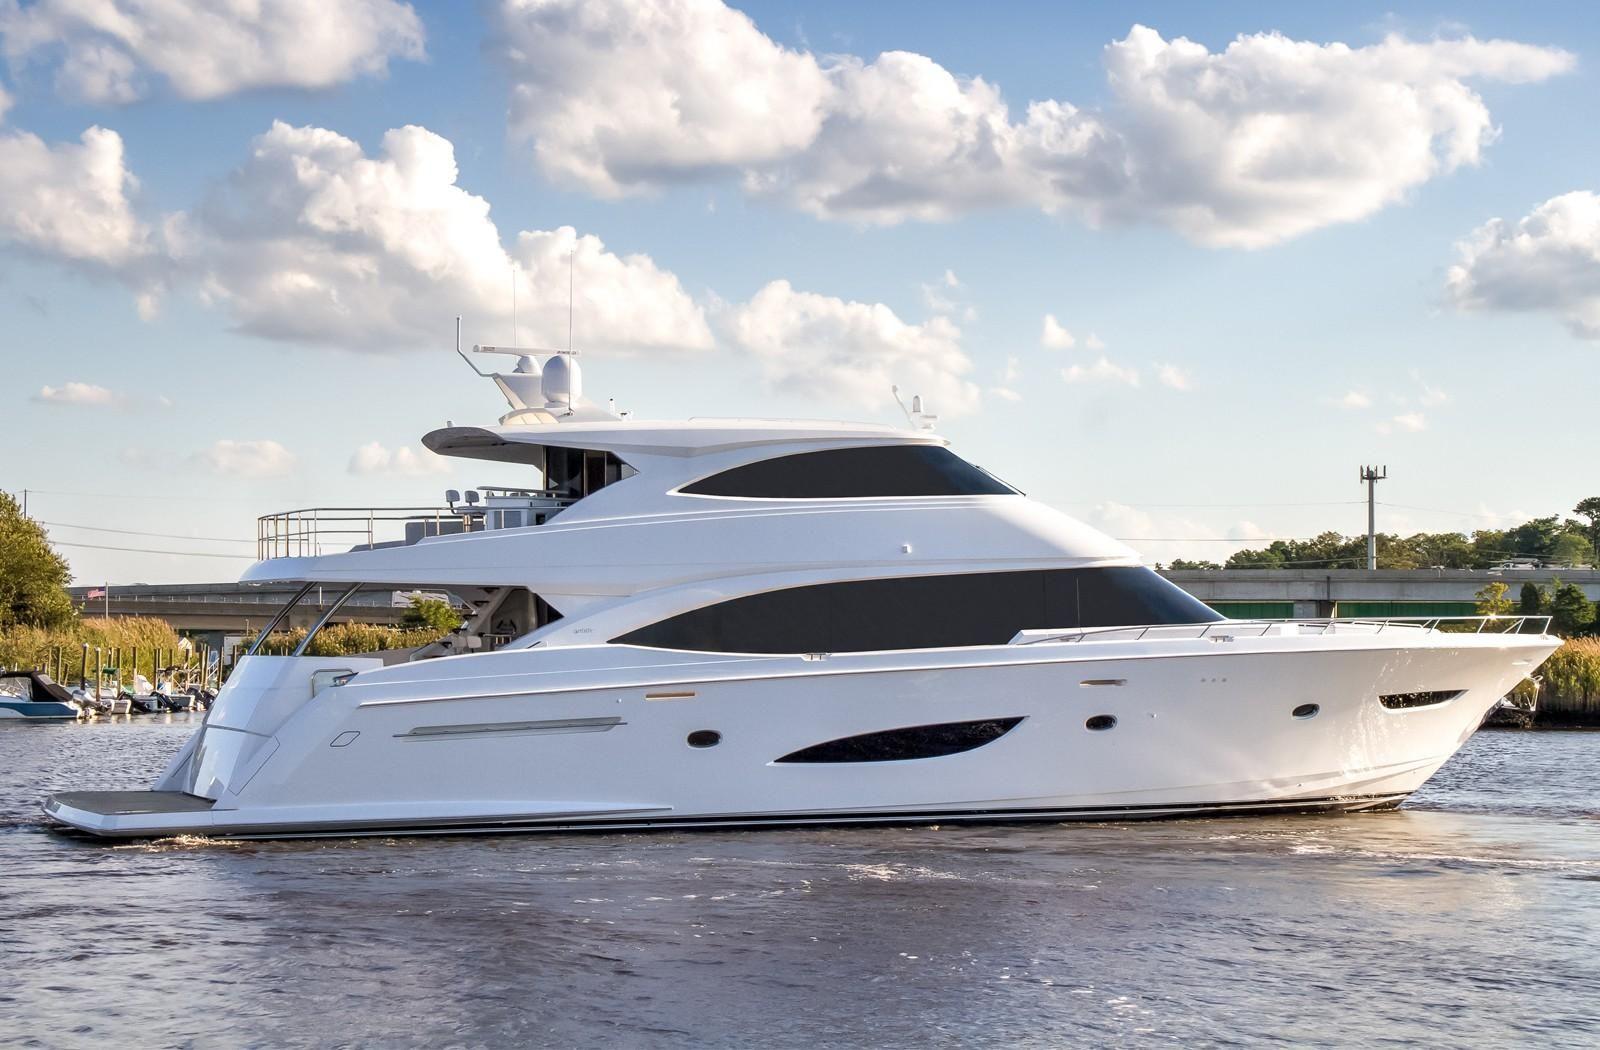 2018 viking 93 39 motor yacht vk93 801 power boat for sale for 85 viking motor yacht